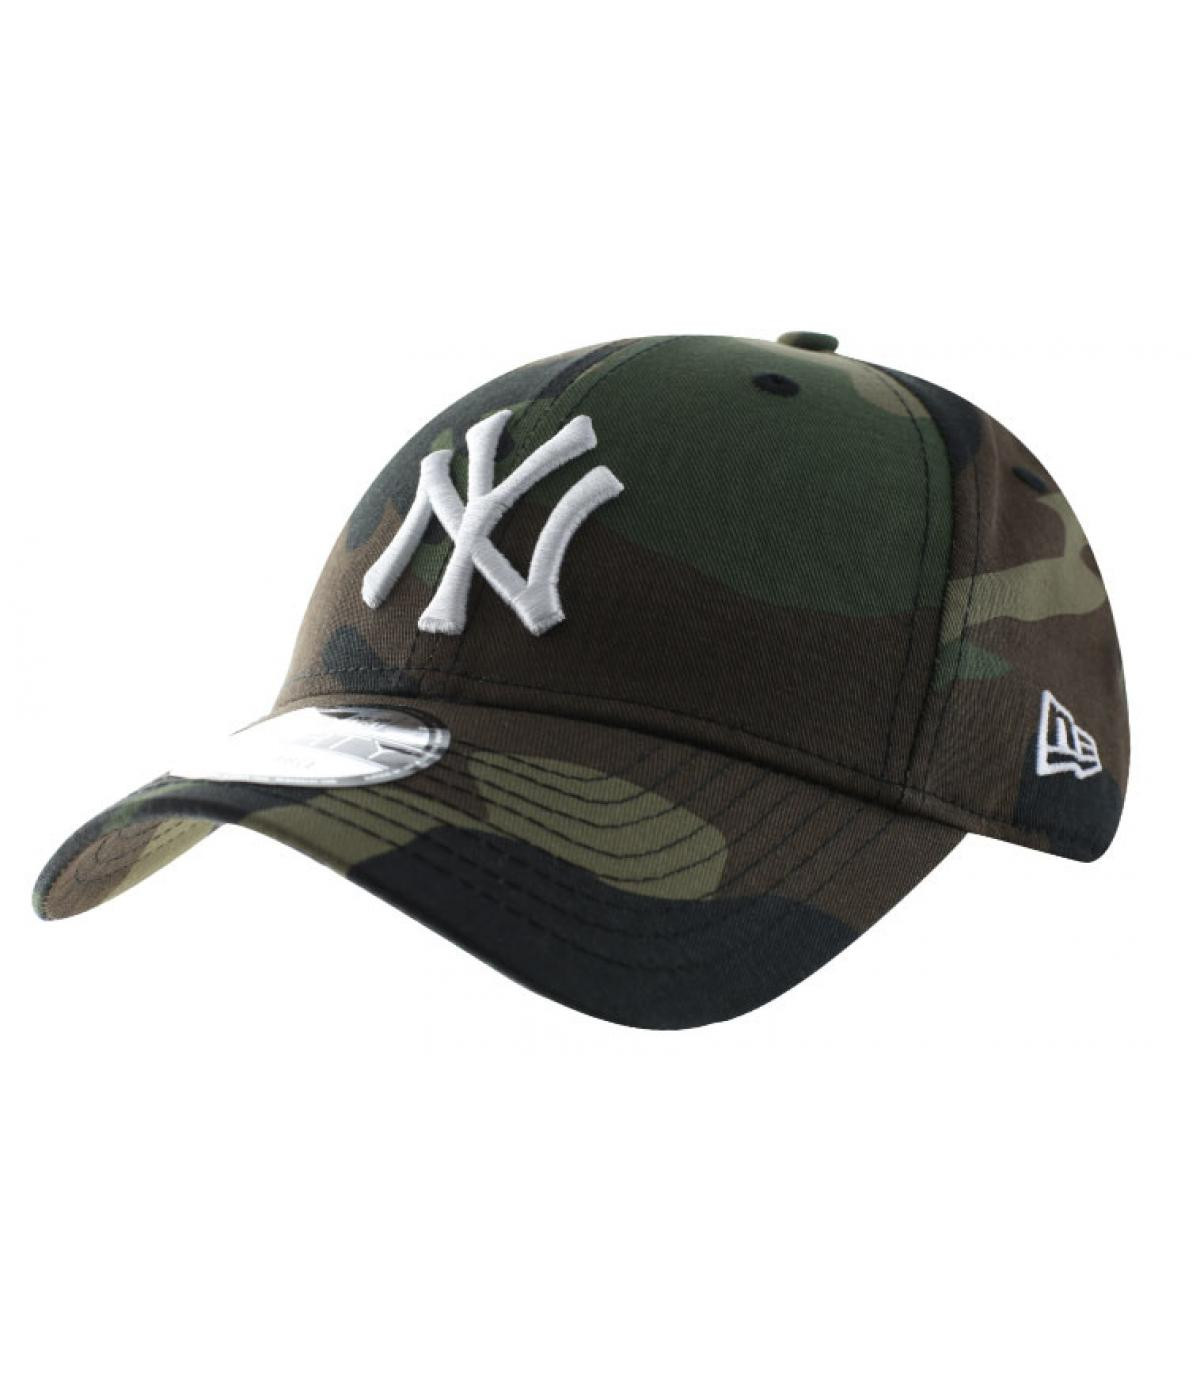 Détails Casquette NY MLB League camo - image 2